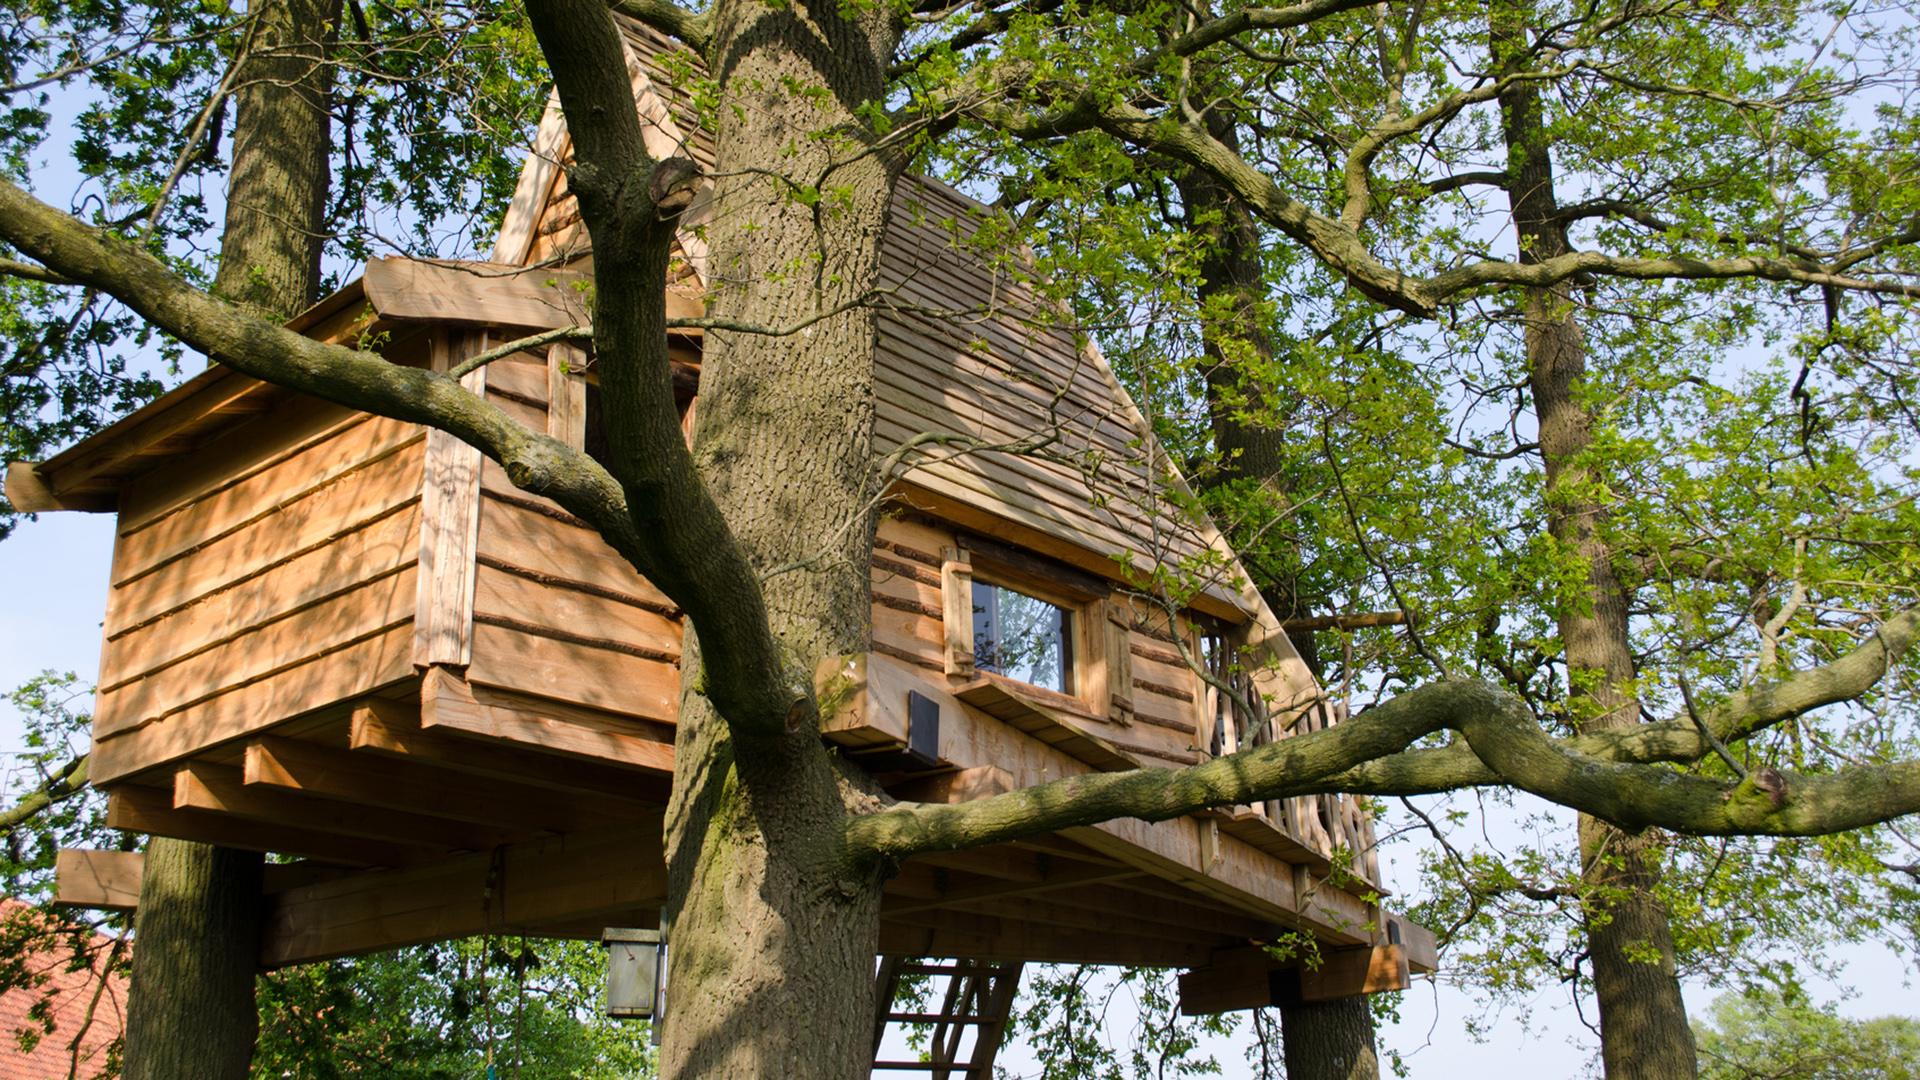 cabane dans les arbres constructeur artconcept bois. Black Bedroom Furniture Sets. Home Design Ideas